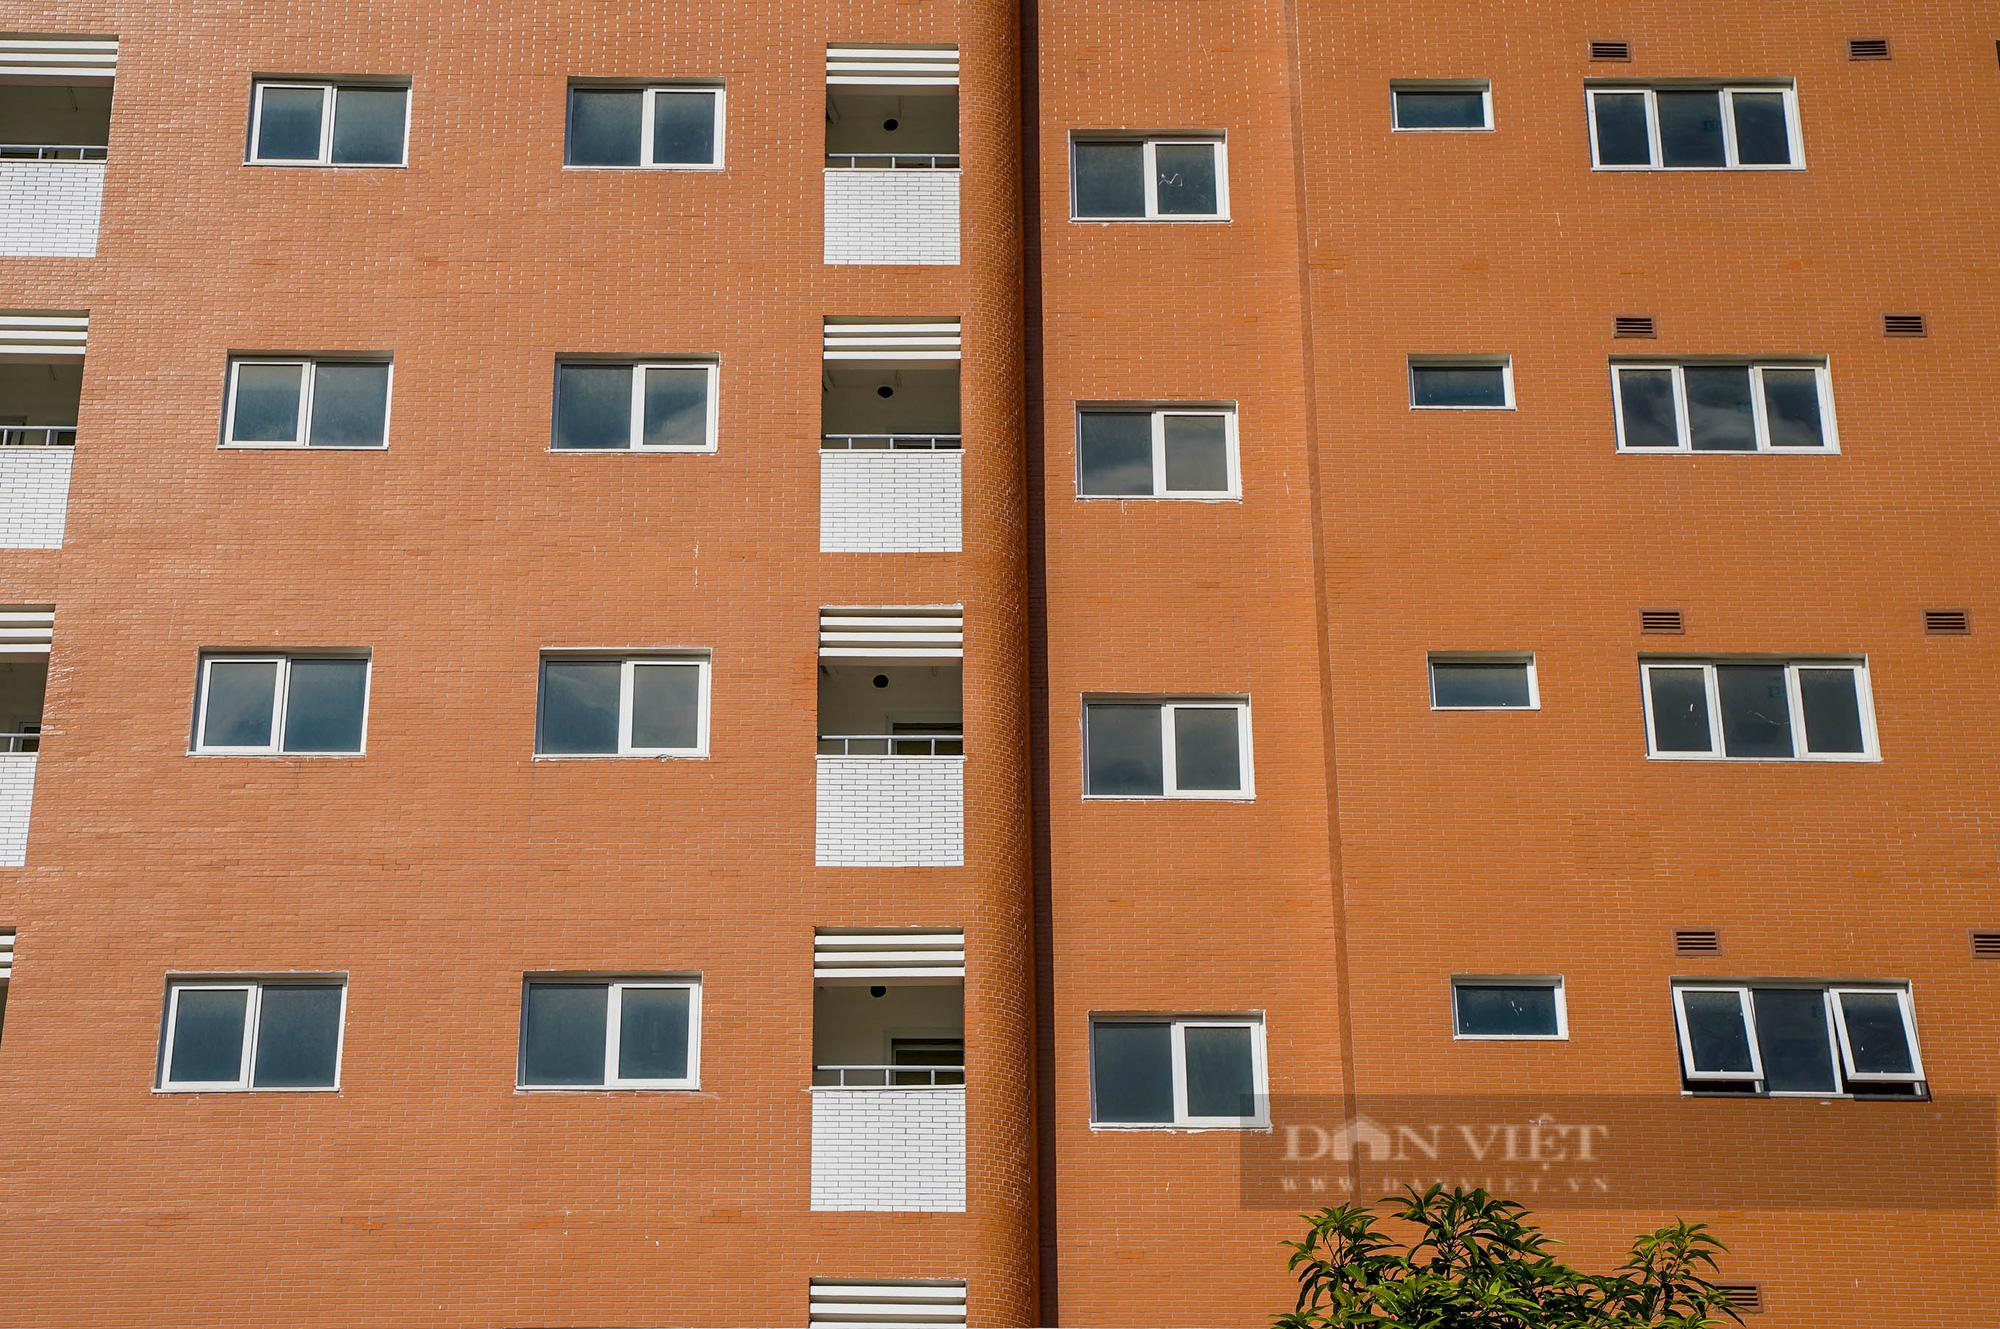 Điểm qua các khu nhà tái định cư được trưng dụng là bệnh viện dã chiến tại Hà Nội - Ảnh 4.